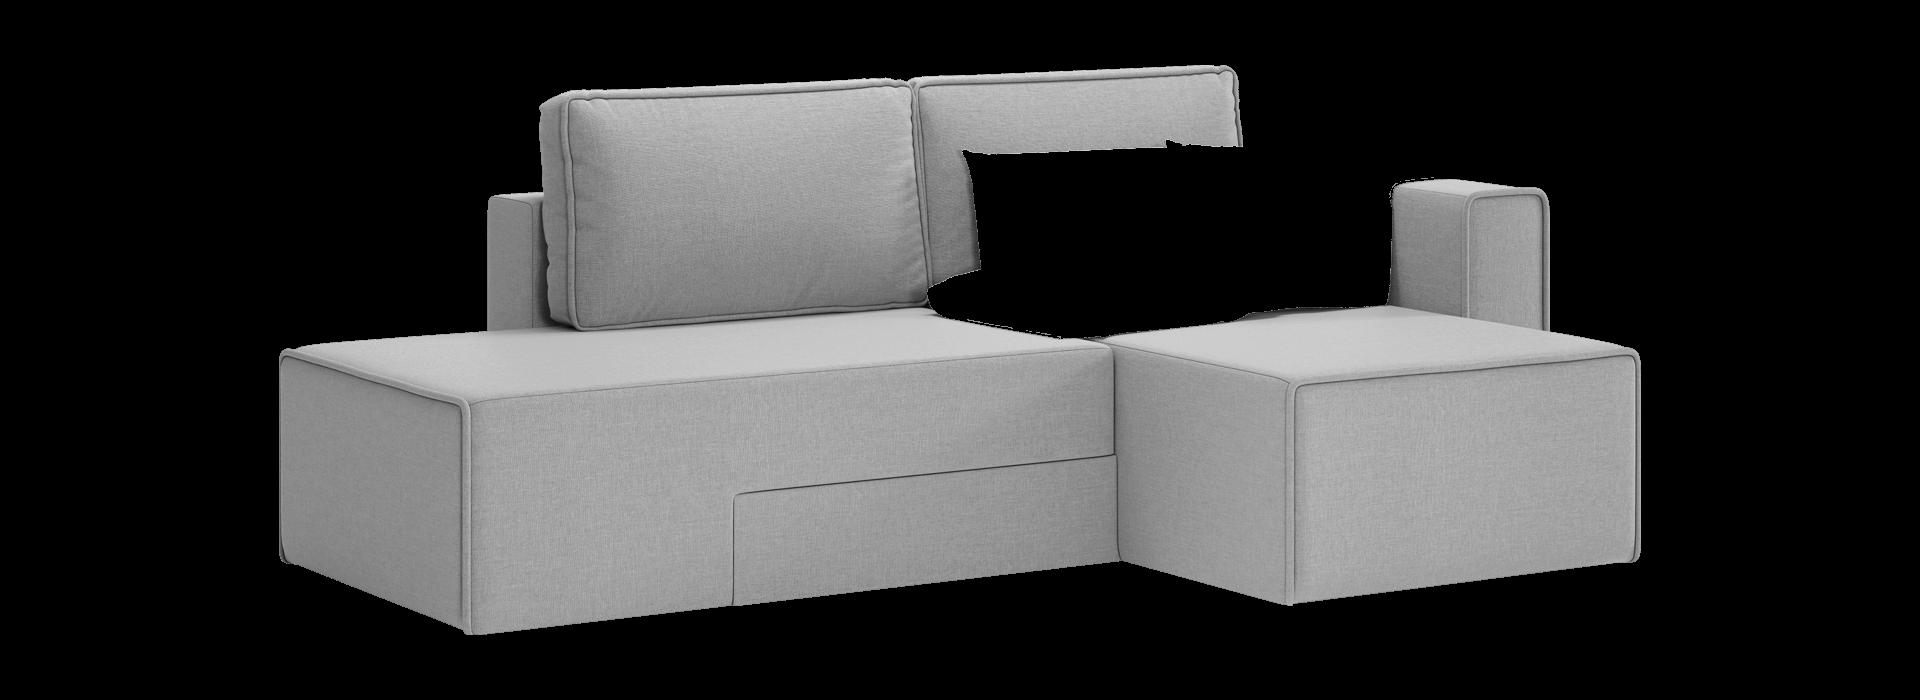 Лоренс кутовий поворотний диван - маска 2